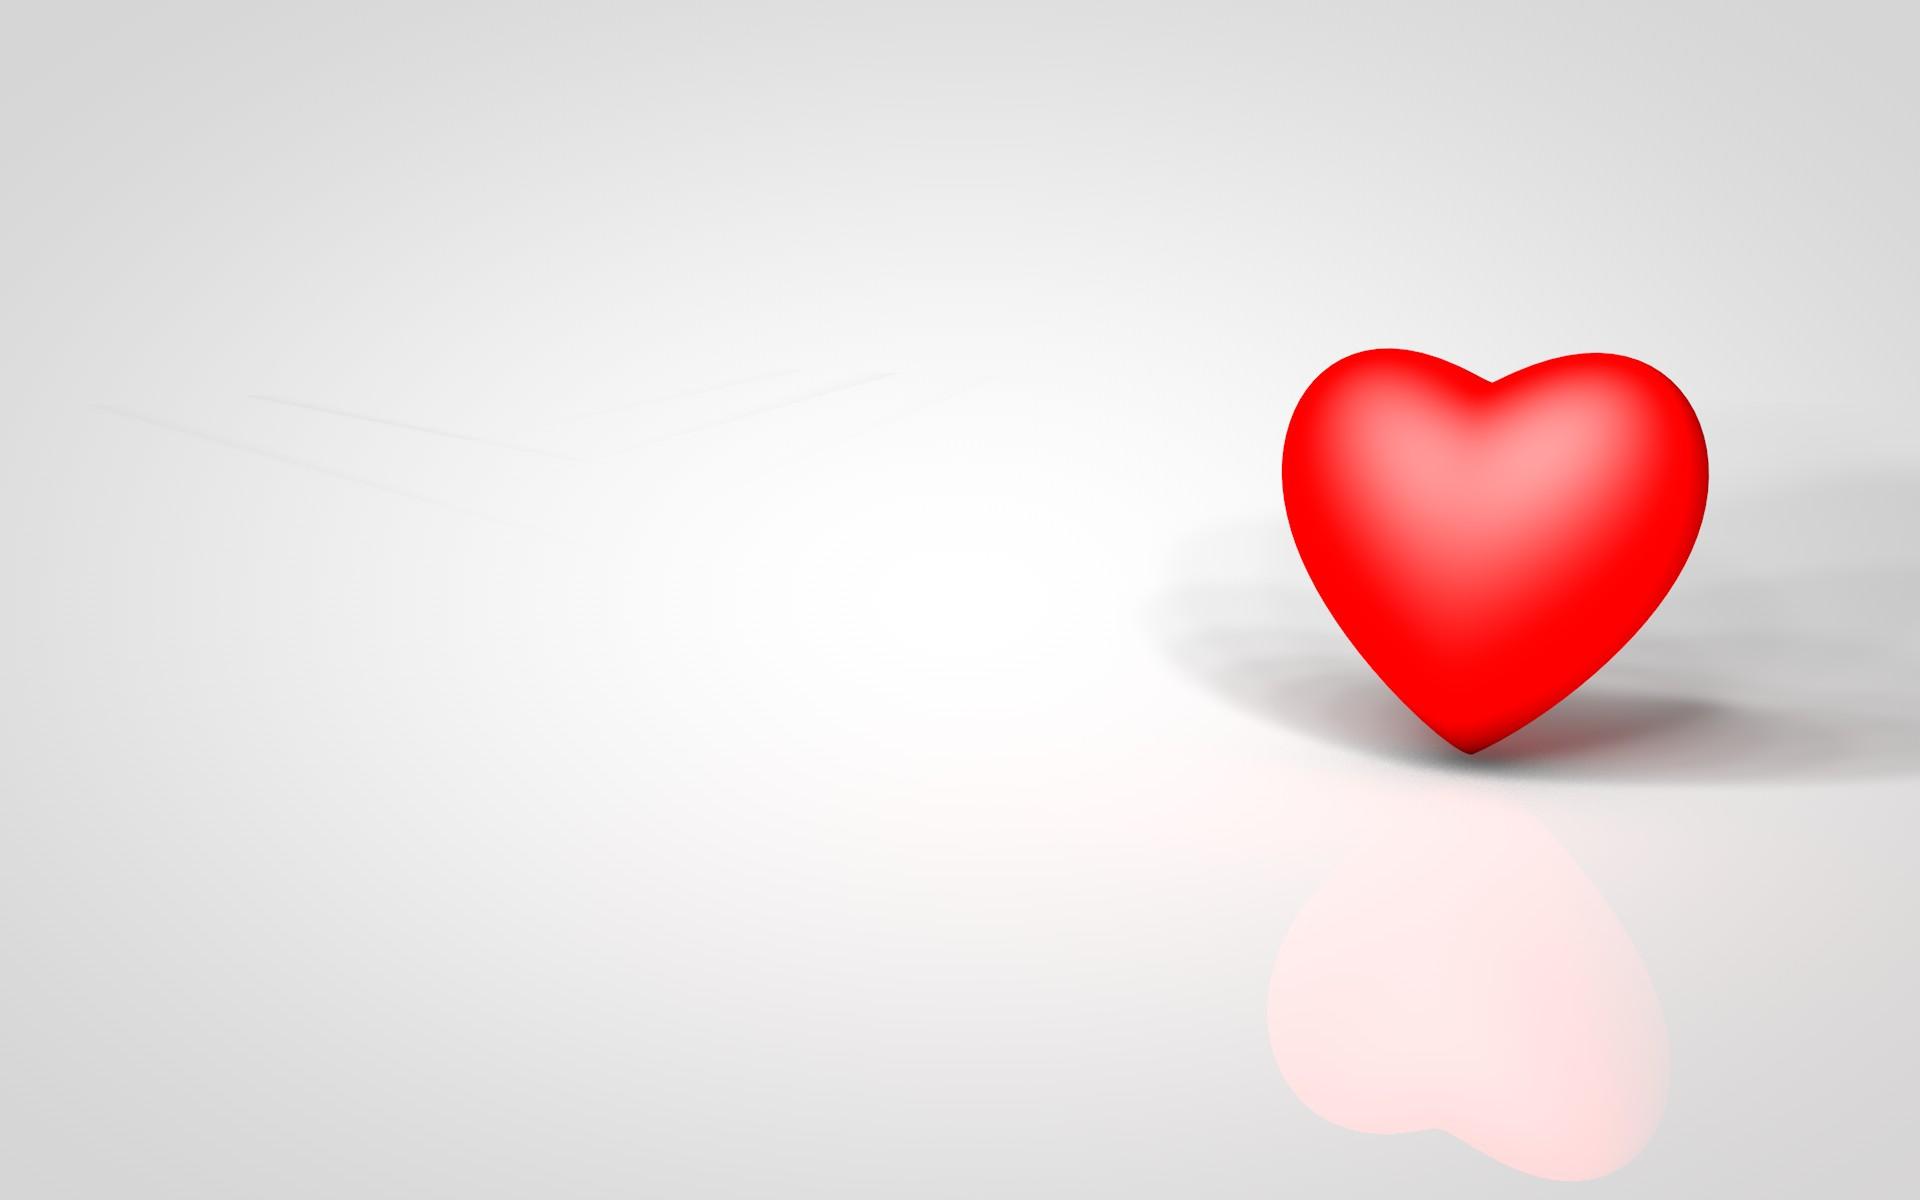 Белая картинка с сердечком